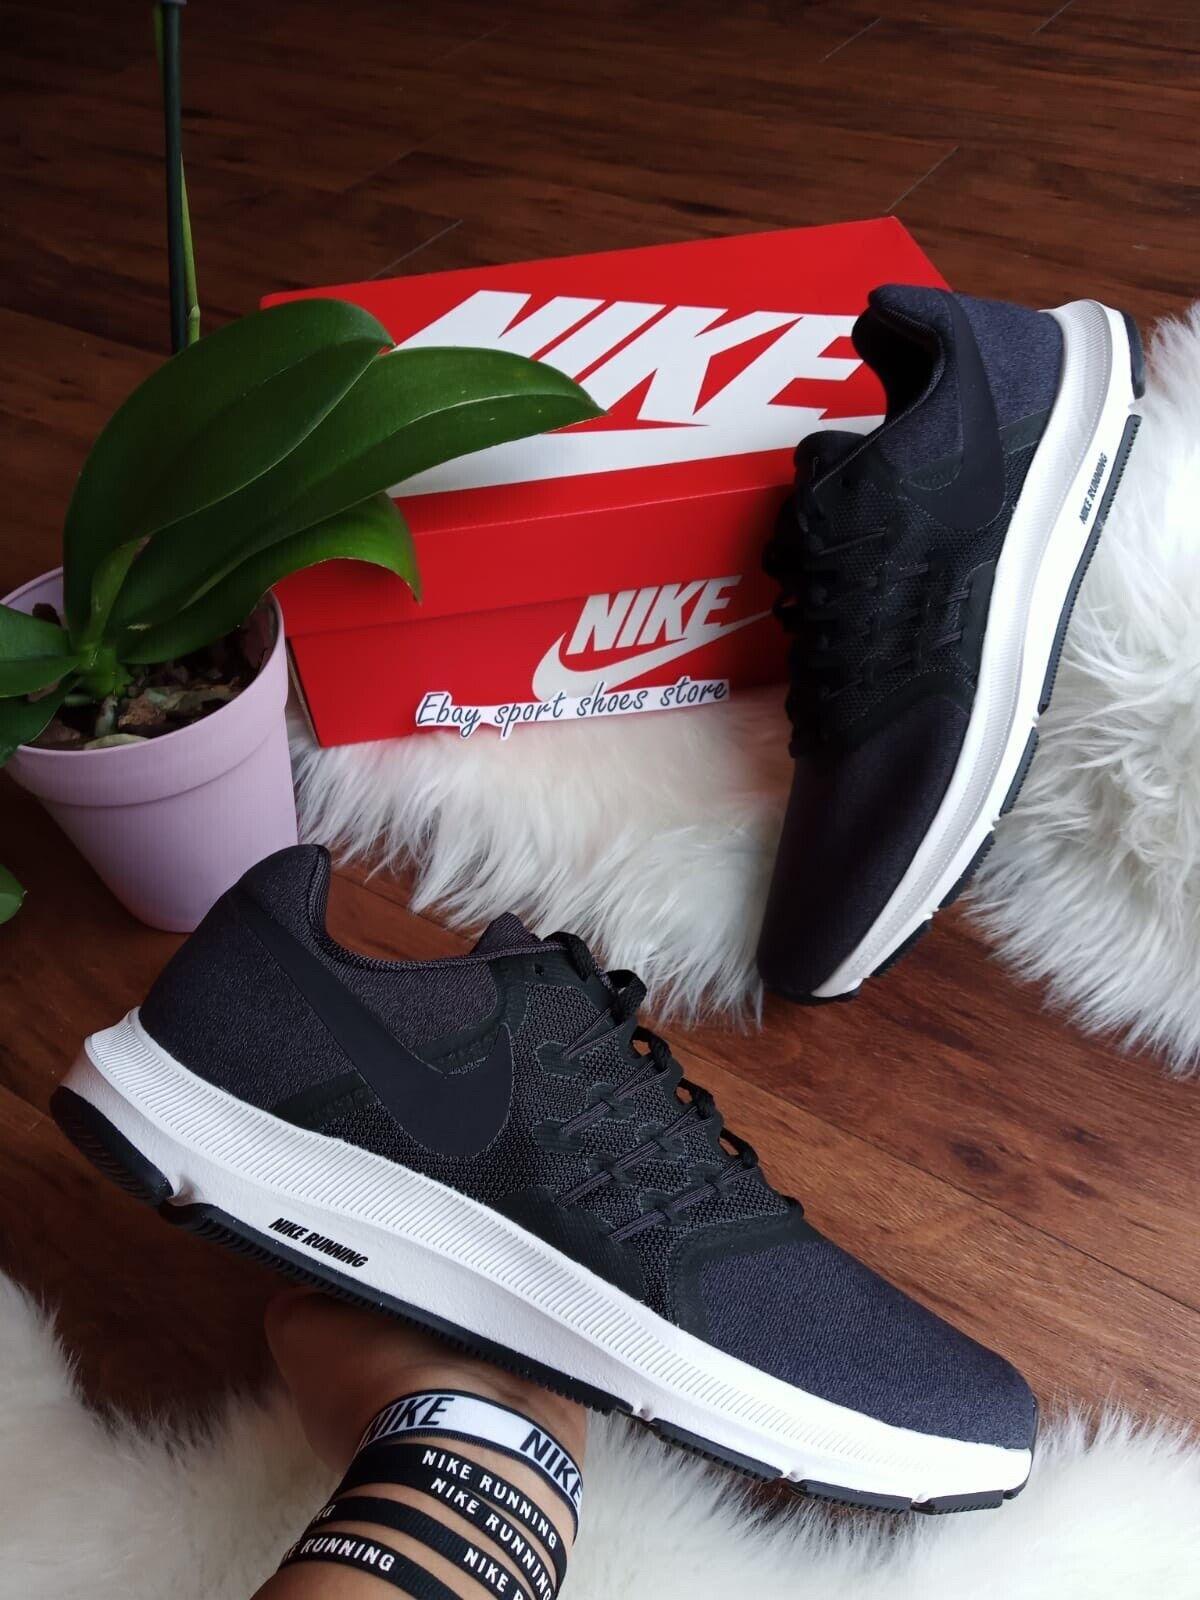 Taille 10 Femme Nike Run Swift noir 909006 009 chaussures De Course